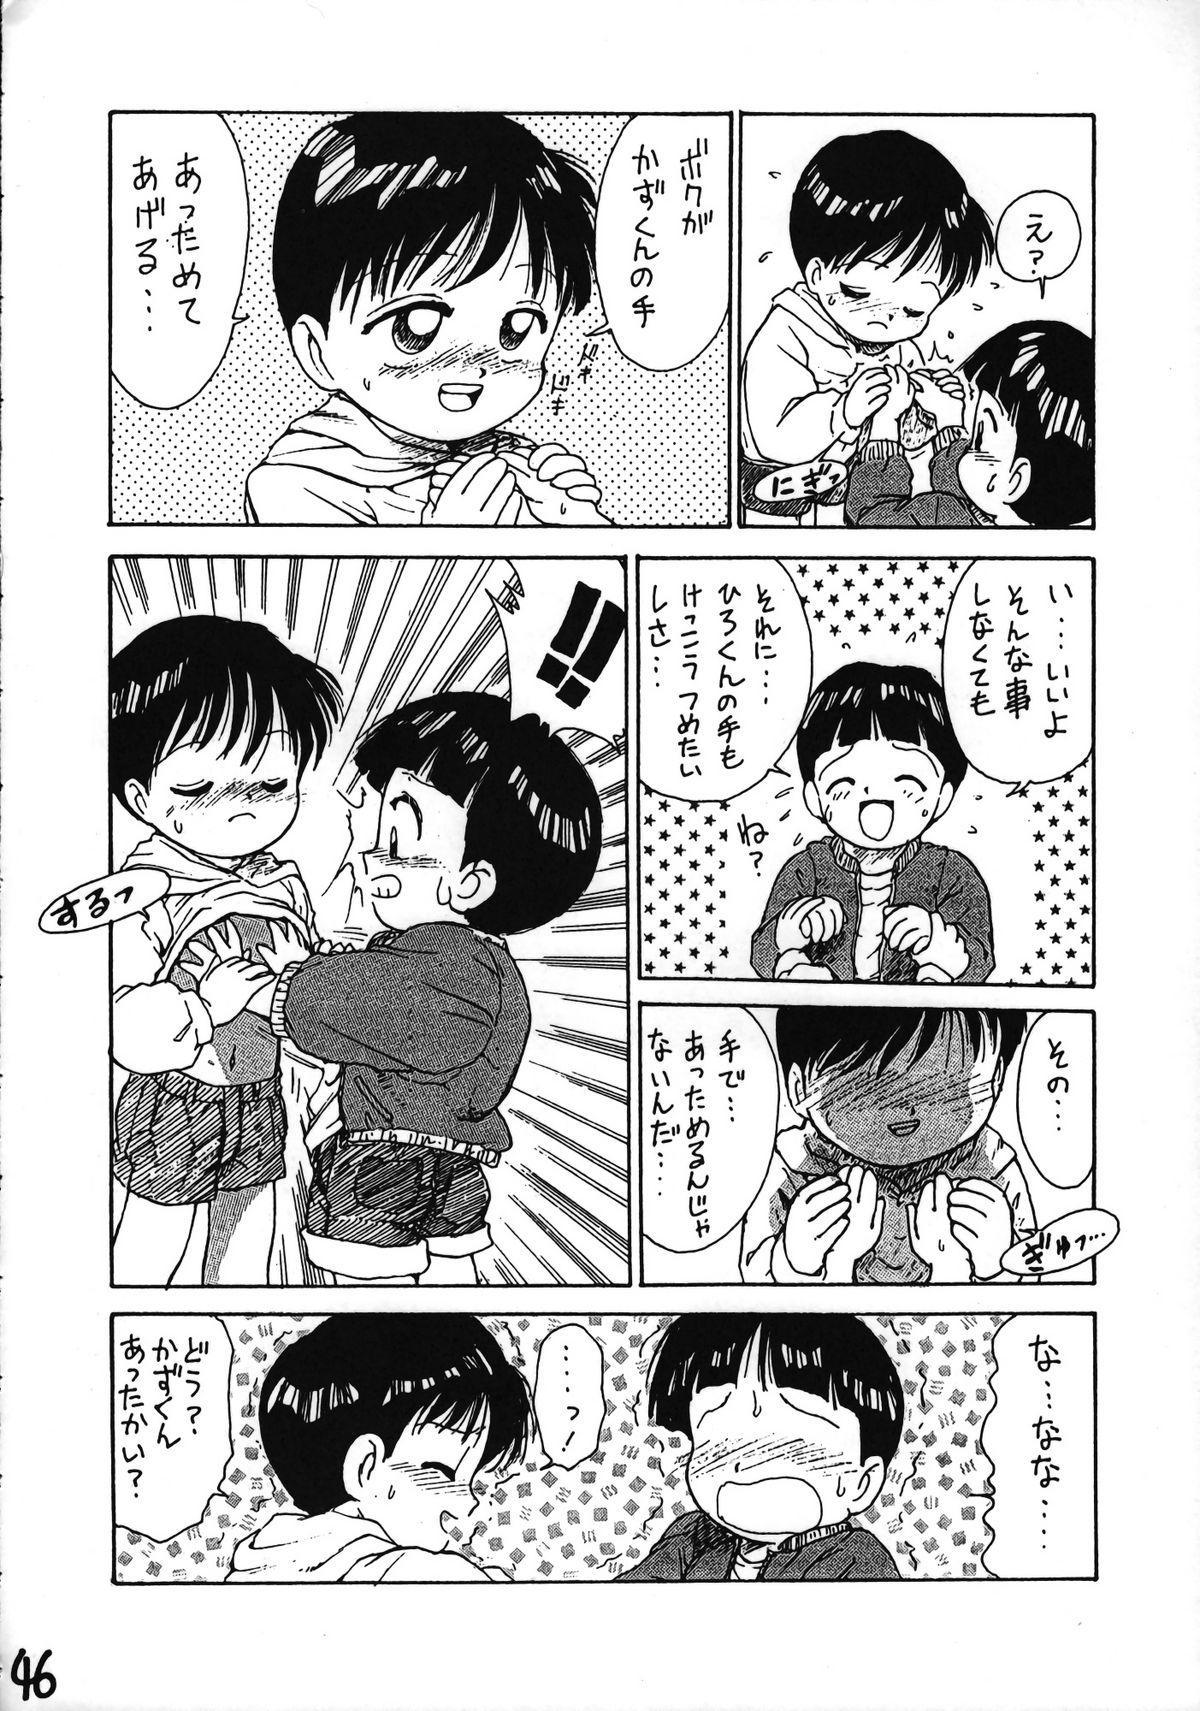 Ikenai! Otokonoko Hon Boy's H Book 2 46